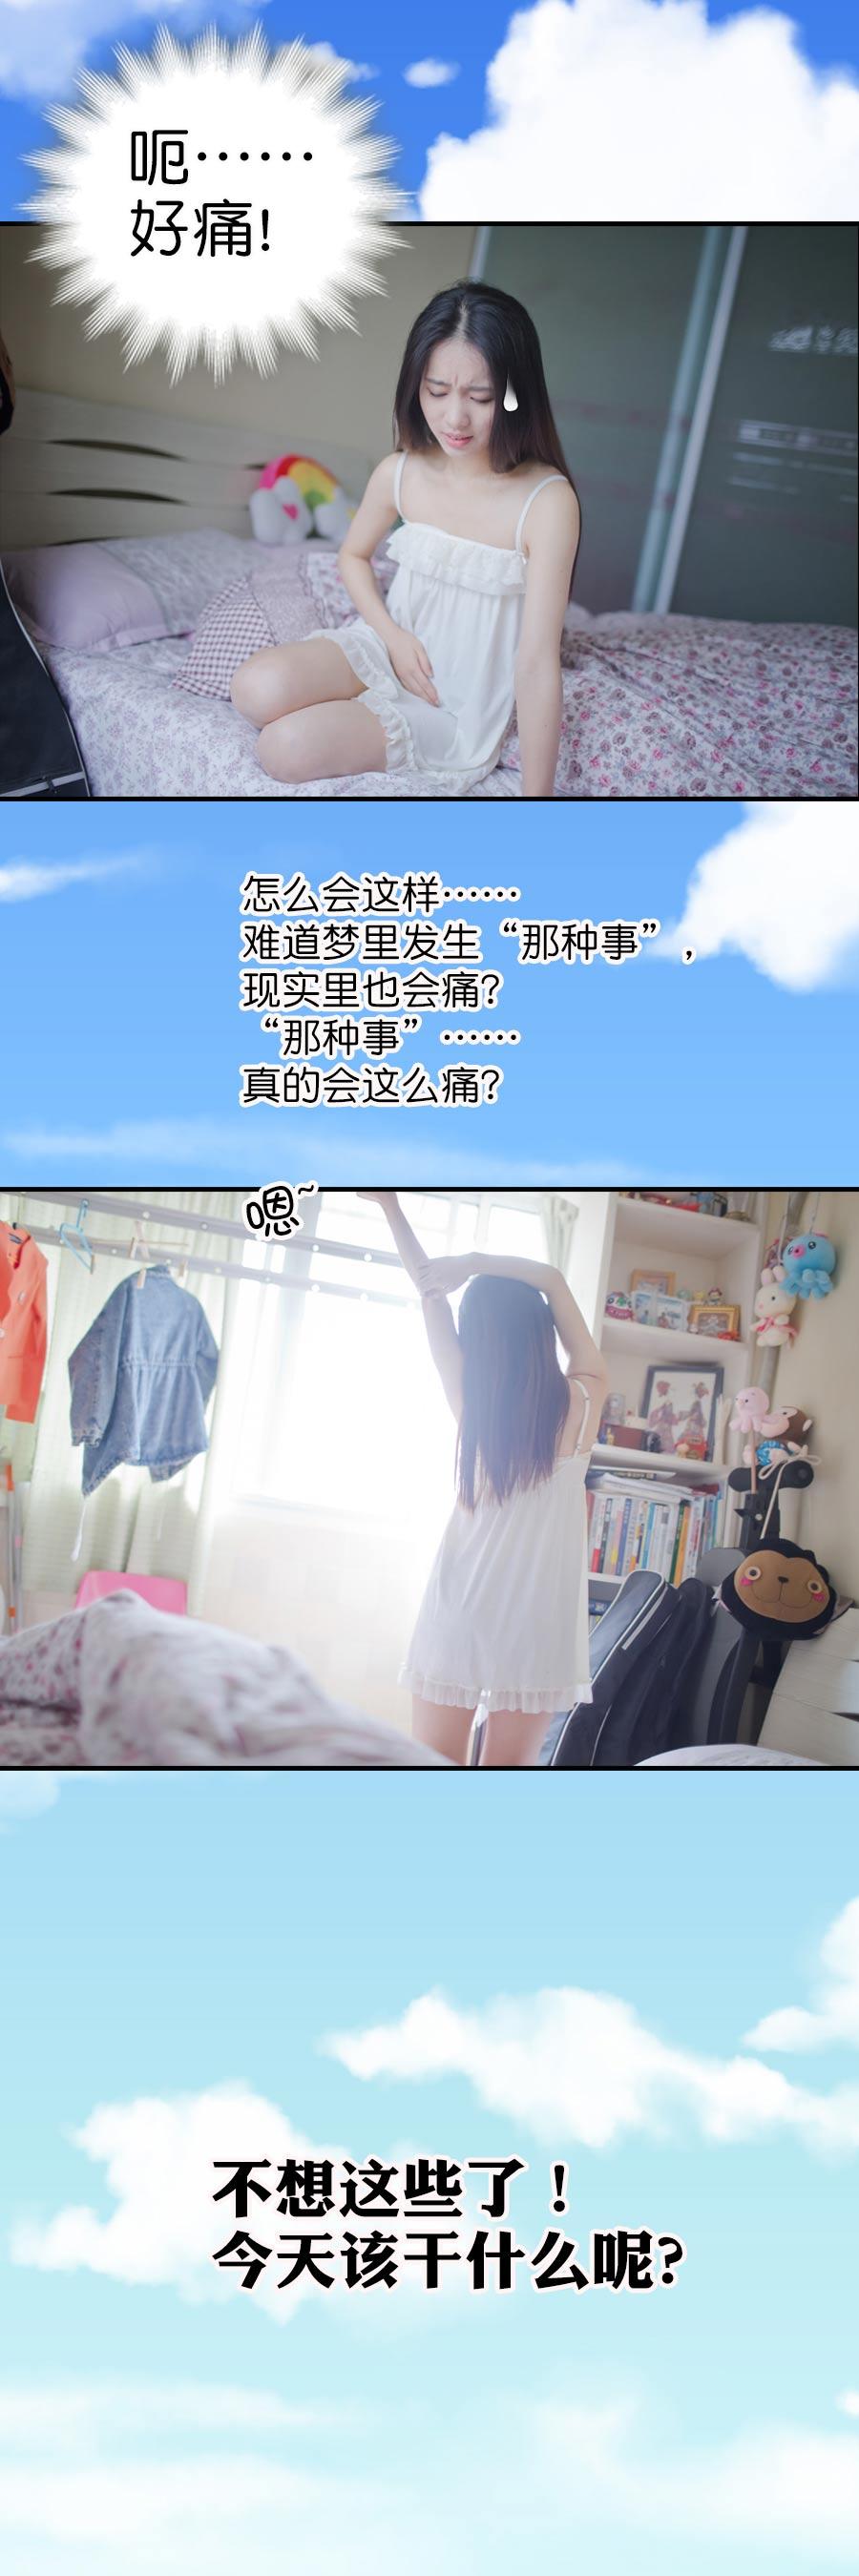 【免费漫画】身材火辣的女总裁邂逅夜店小鲜肉,虐恋升级!